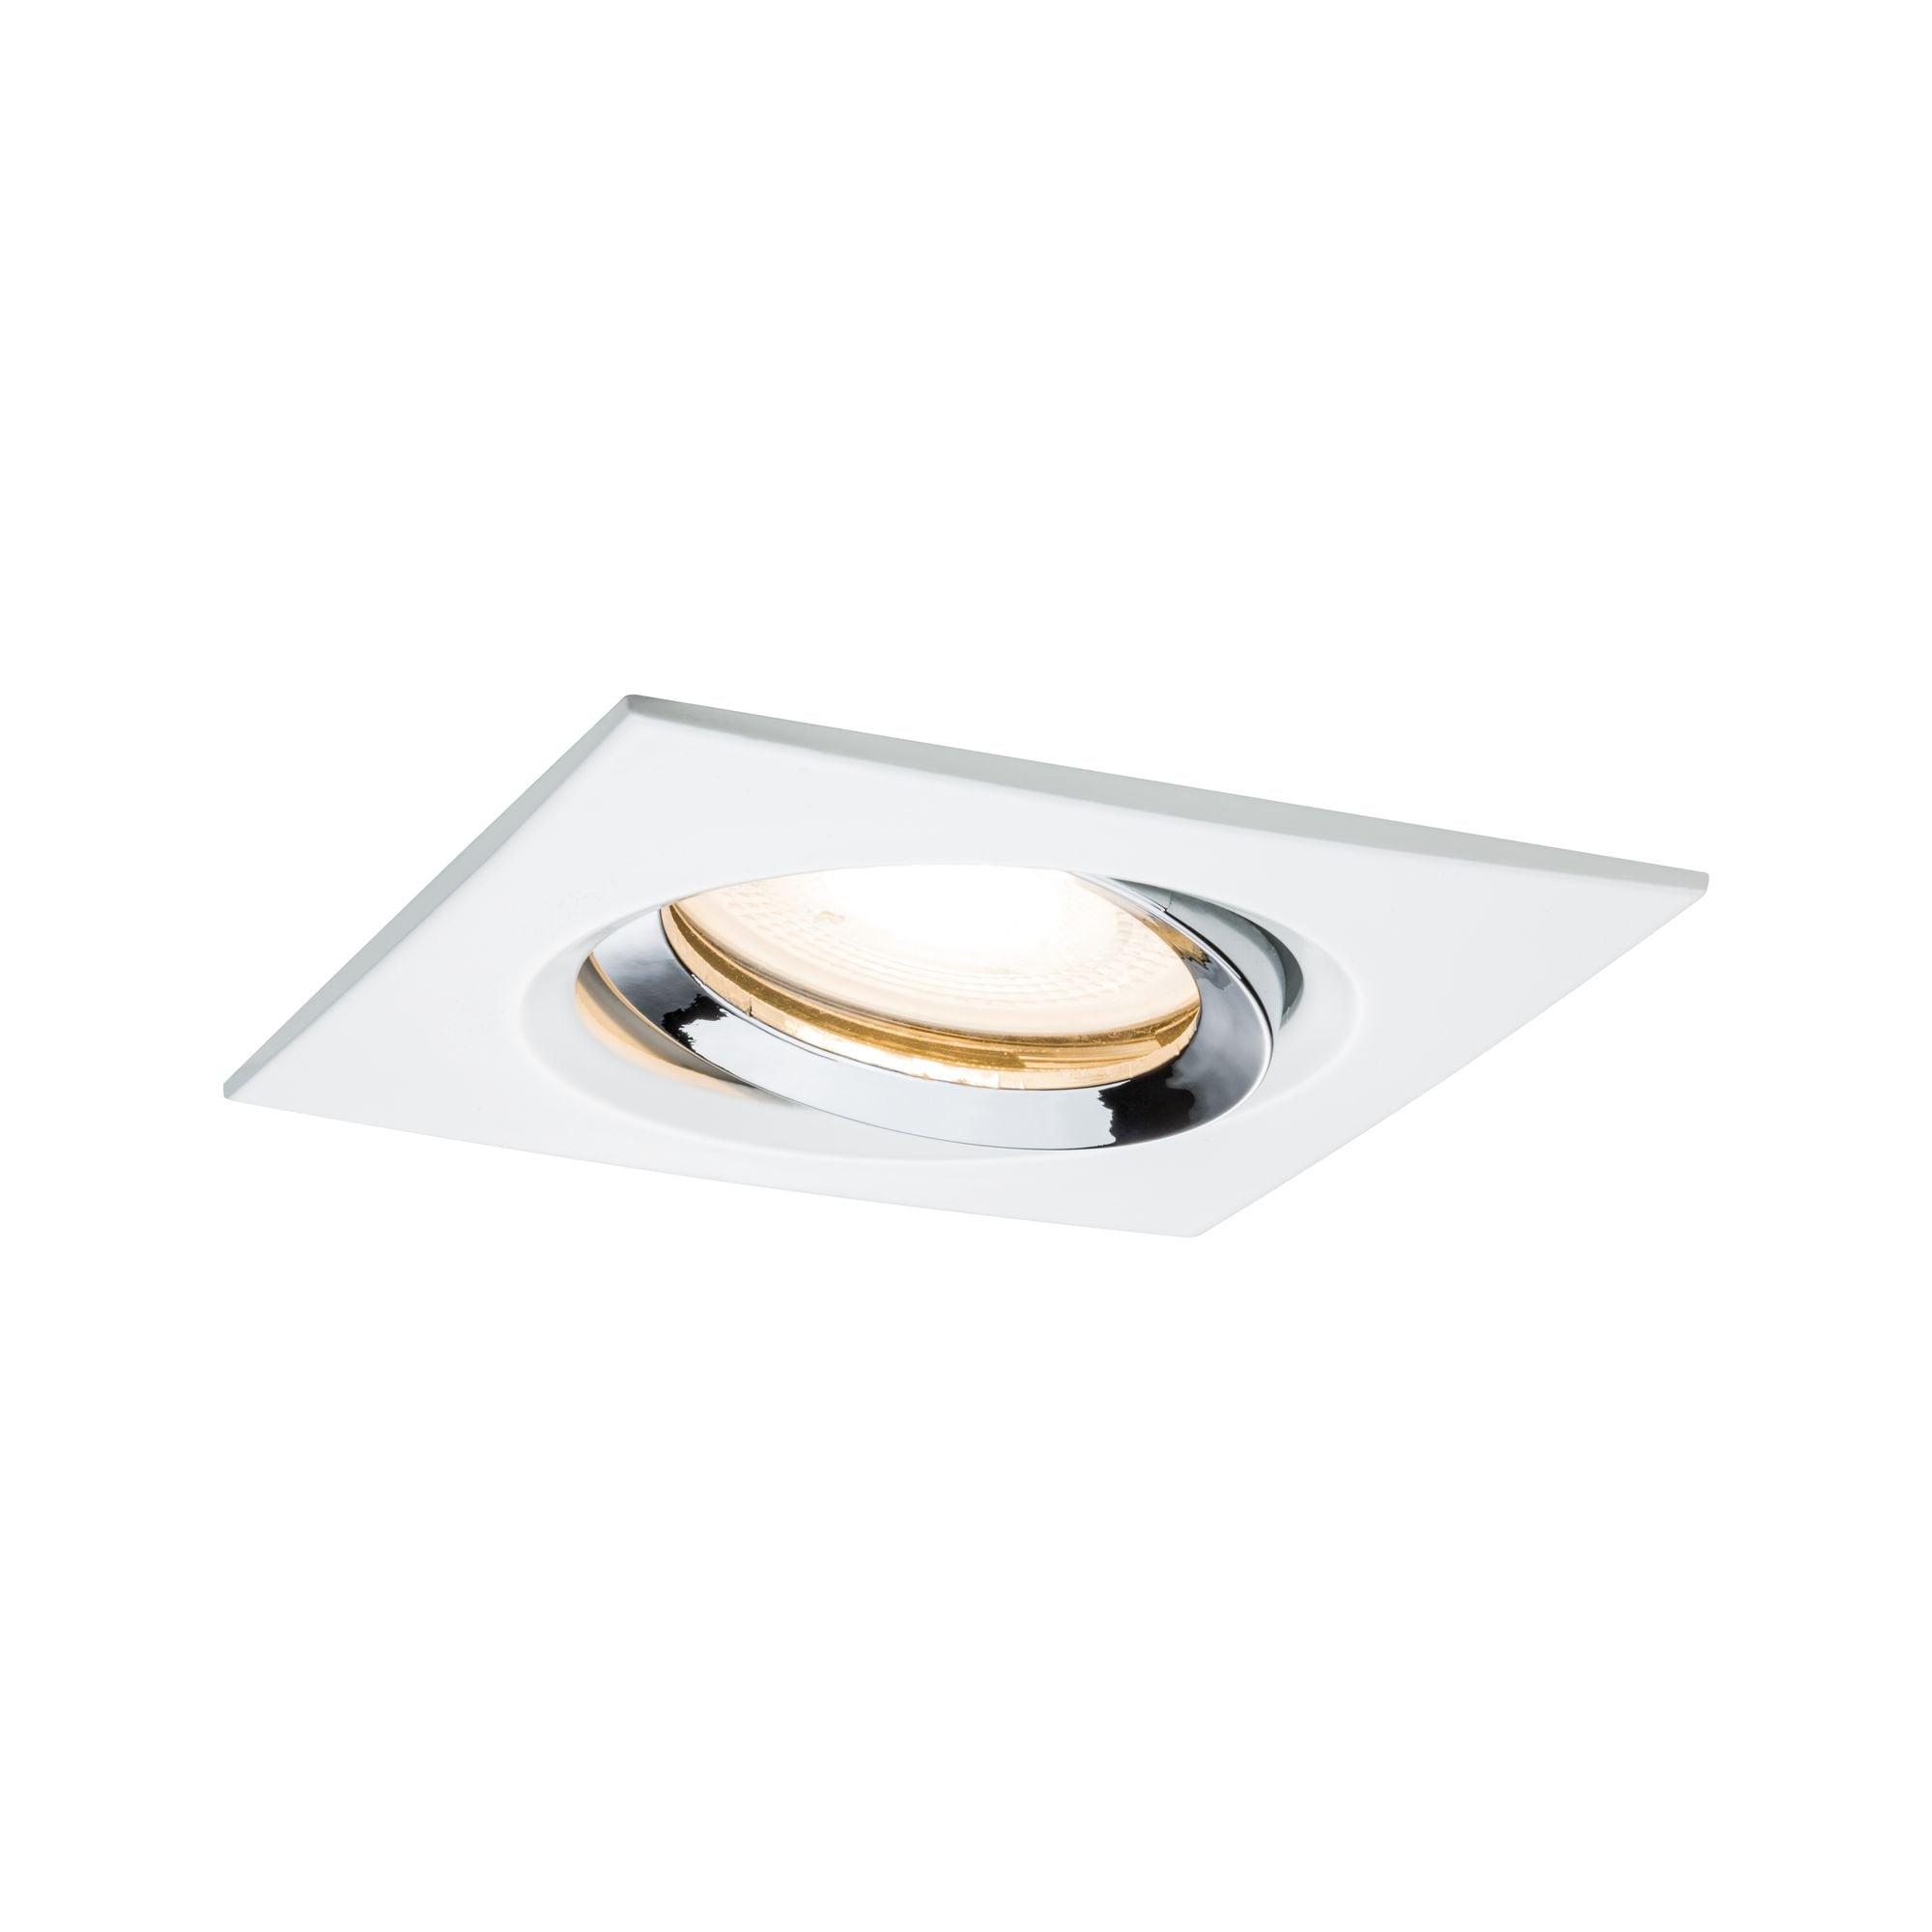 Paulmann LED Einbaustrahler Nova eckig schwenkbar 1x7W GU10 Weiß matt, Chrom, GU10, 1 St.